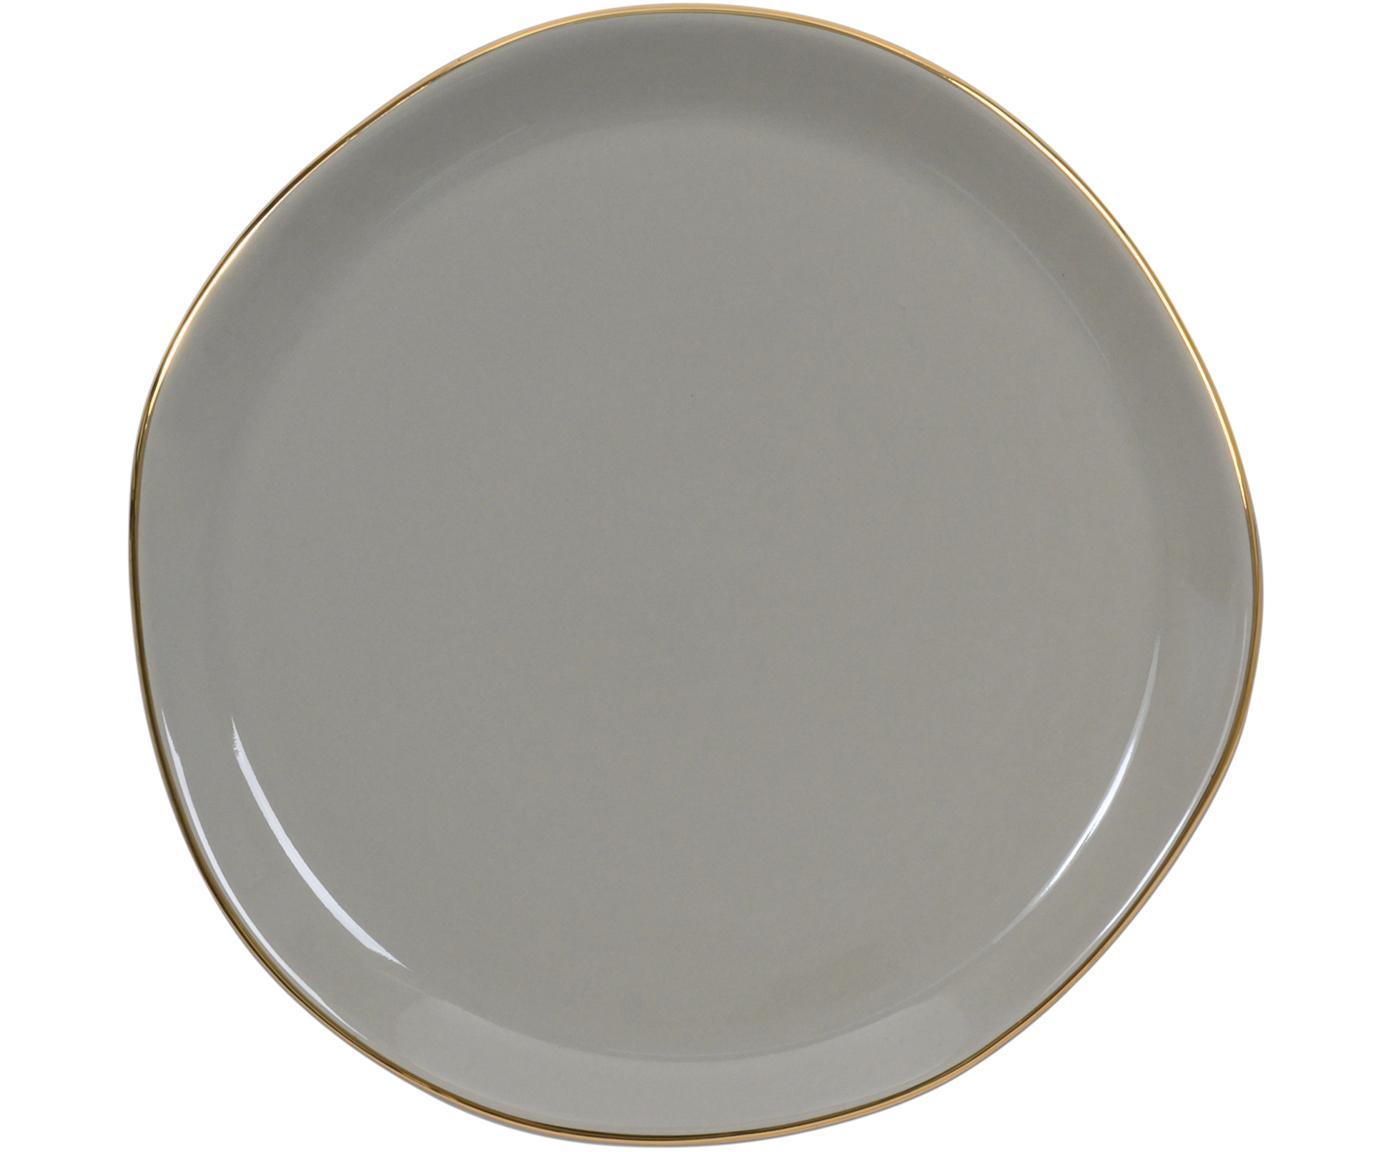 Plato postre Good Morning, Porcelana, Gris, dorado, Ø 17 cm